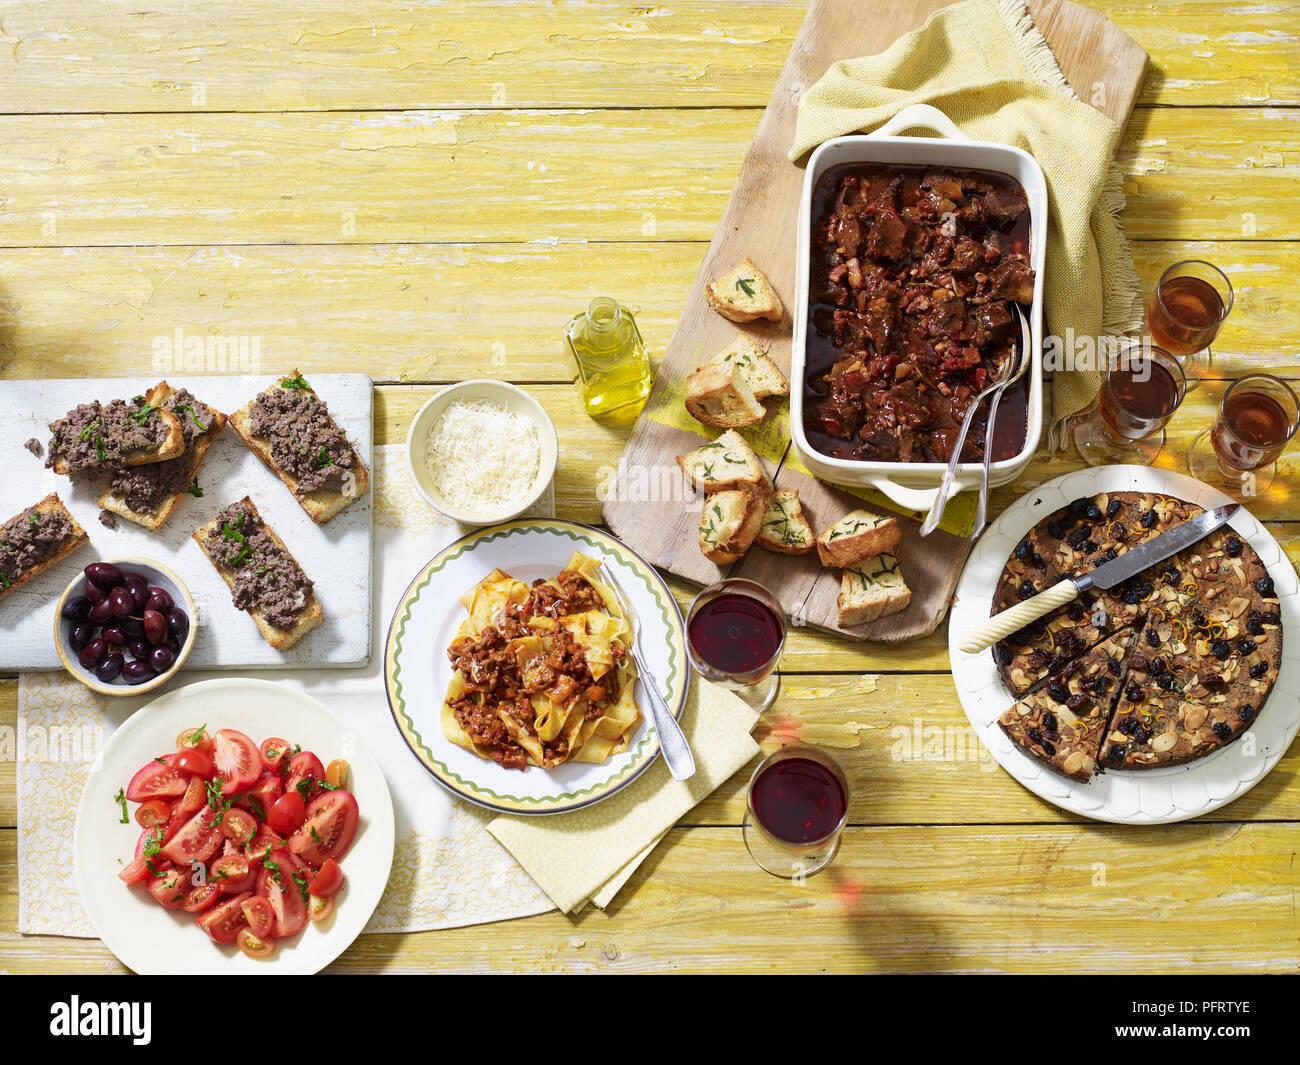 Cena de otoño de la Toscana, incluyendo crostini di fegatini (hígado de pollo), pappardelle al ragú, spezzatino di manzo (estofado de carne), el castagnaccio pastel de castañas Imagen De Stock